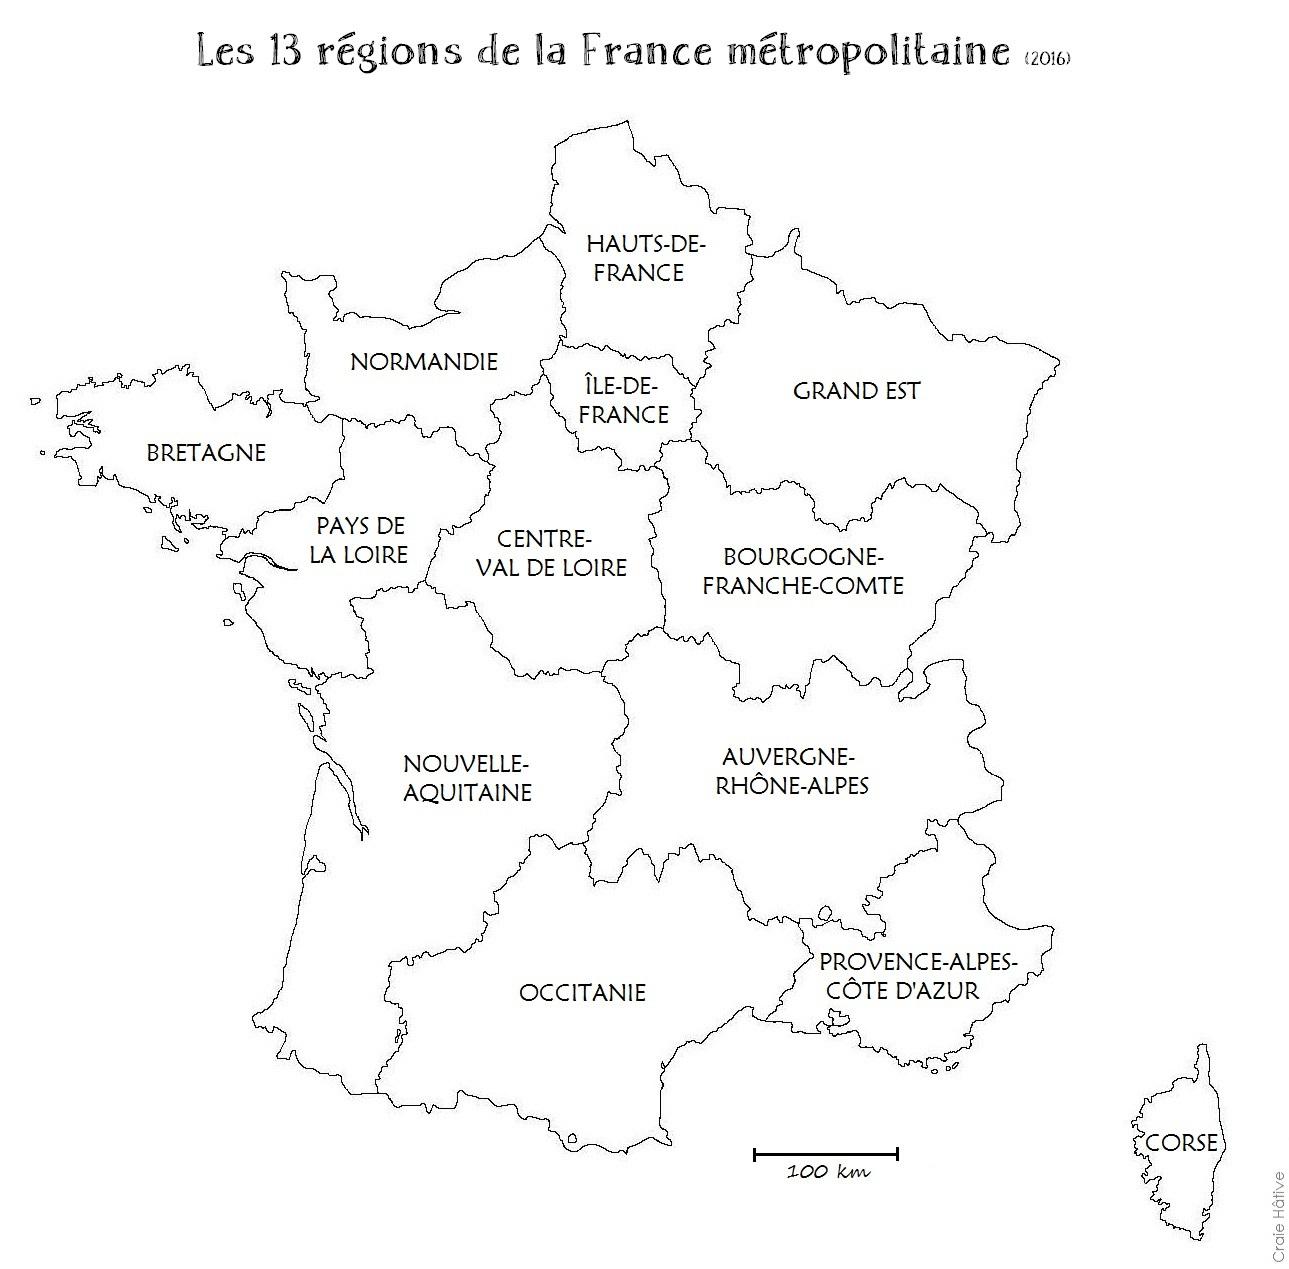 Cartes Des Régions De La France Métropolitaine - 2016 concernant Carte Région France Vierge